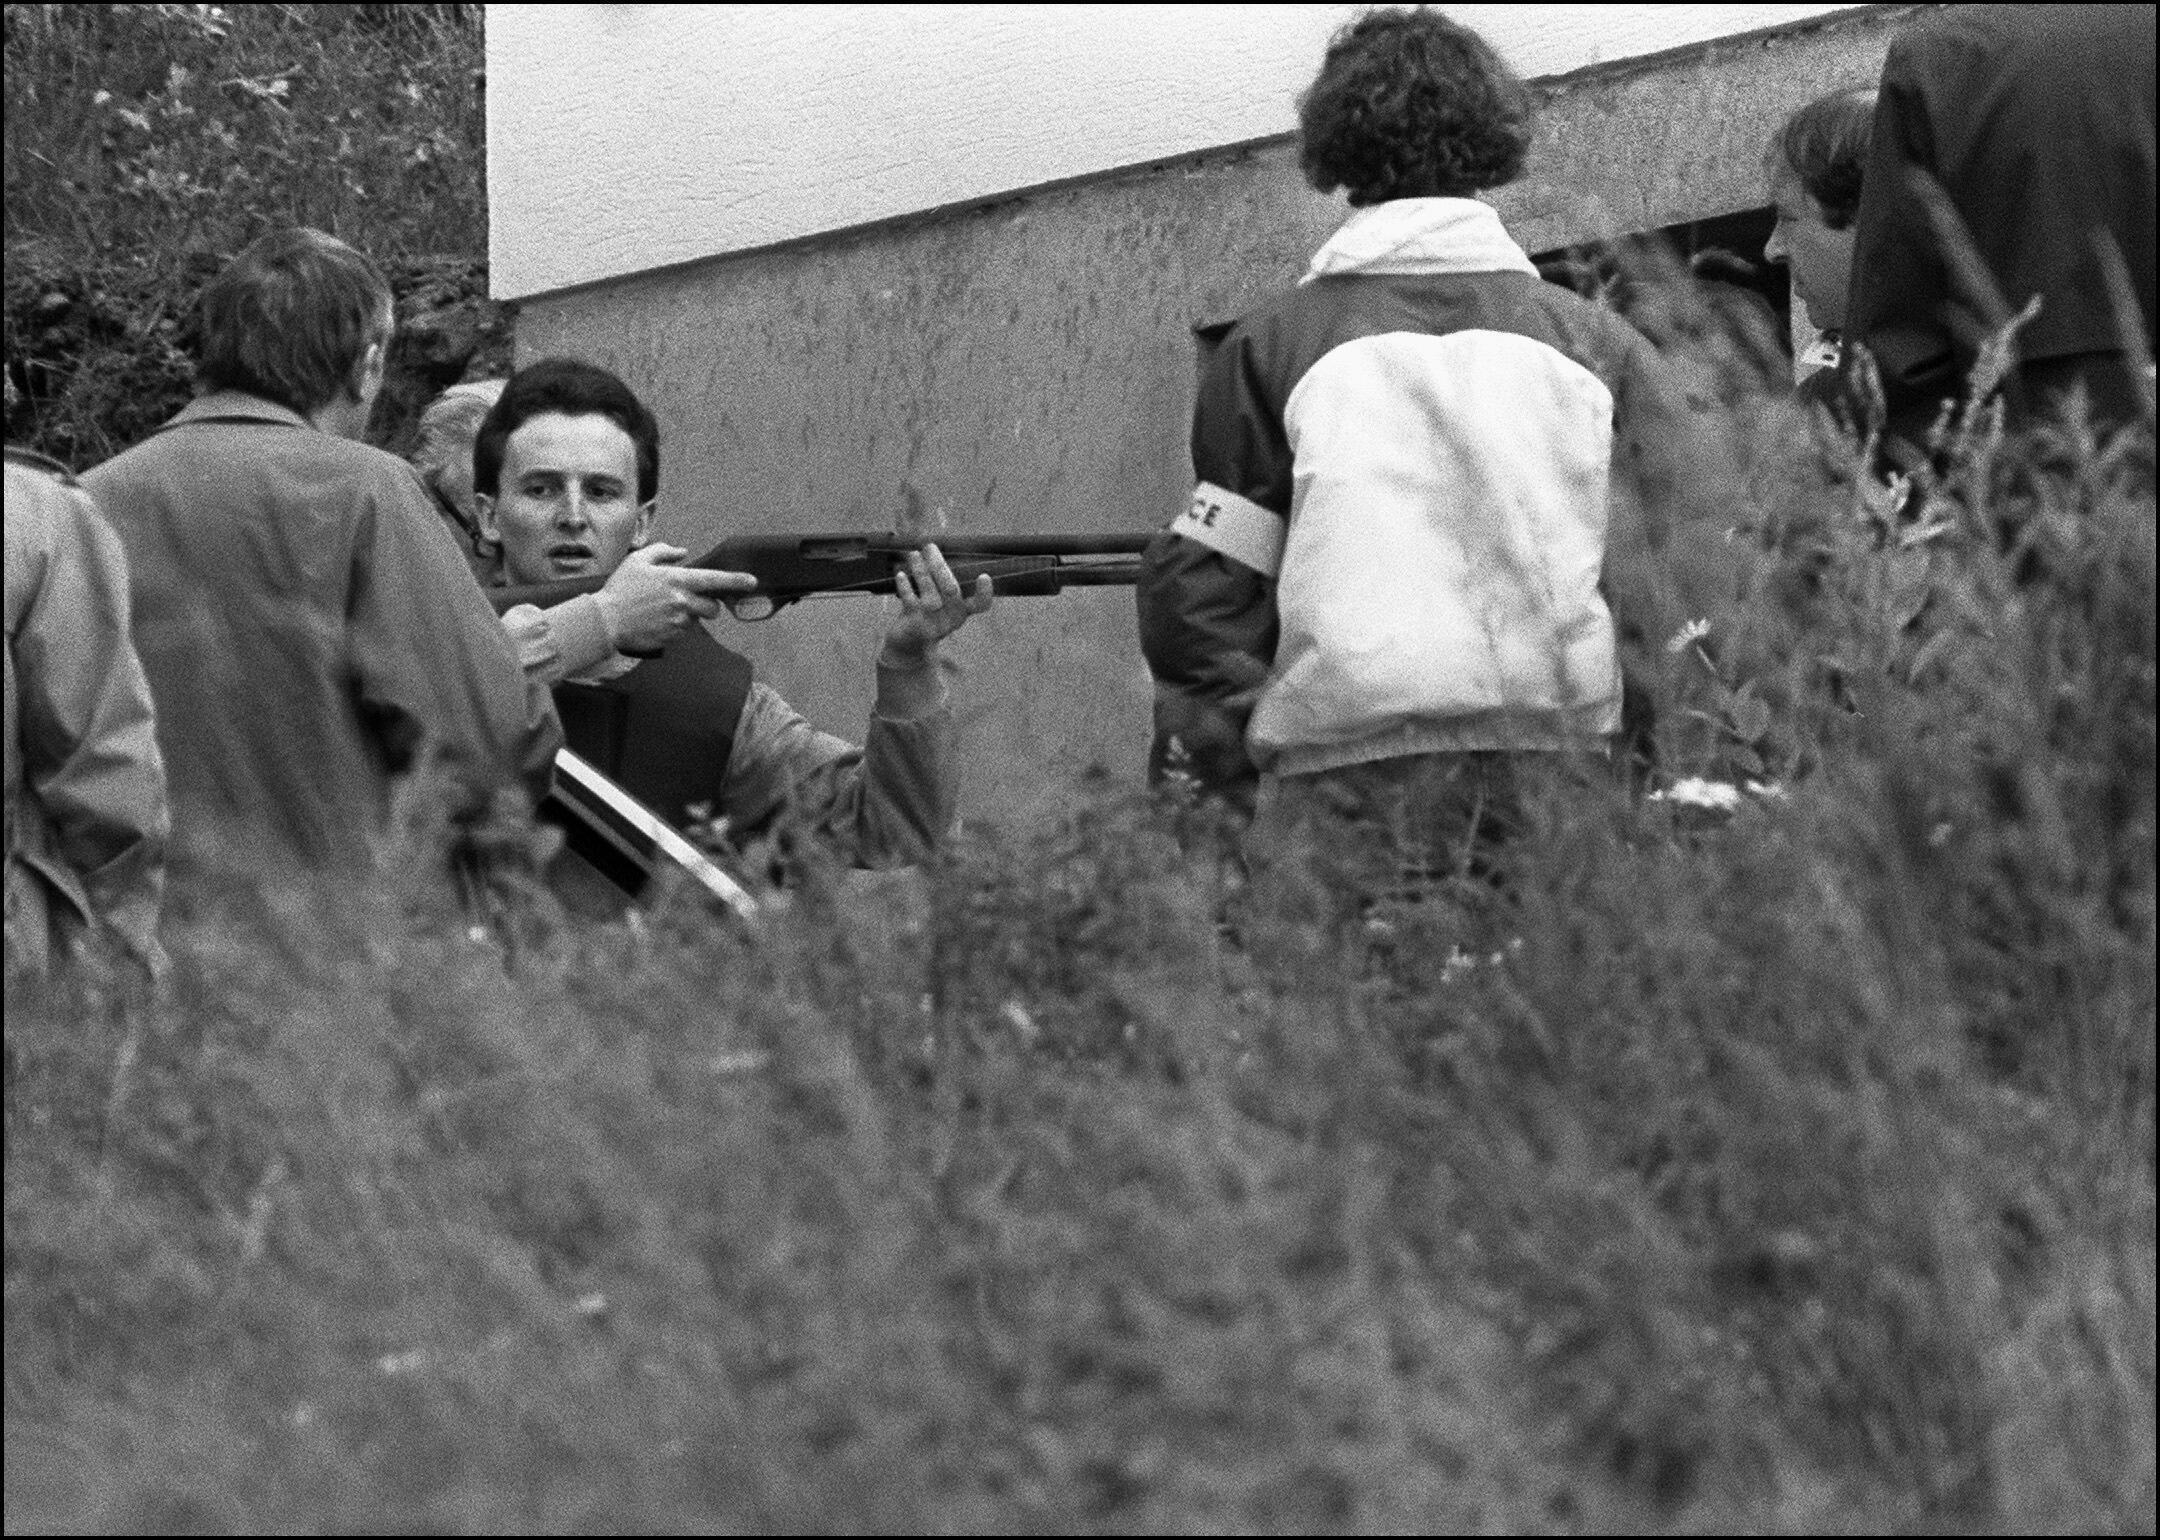 Jean-Marie Villemin le 20 juin 1985 lors de la reconstitution du meurtre de son cousin Bernard laroche qu'il pensait être l'assassin de son fils Grégory.